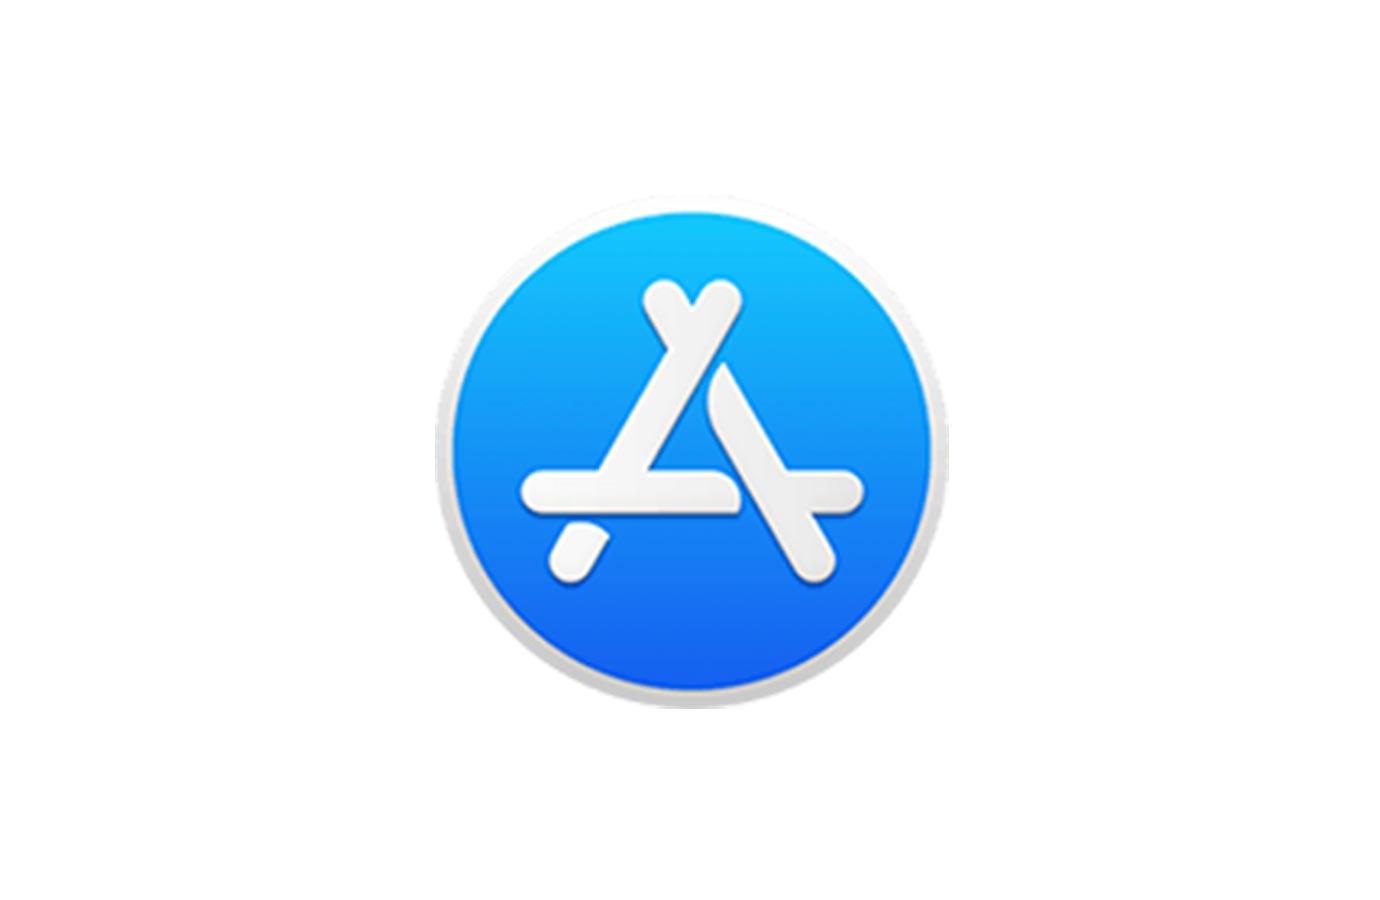 Apple、「WWDC 2019」でiPadとMacのクロスプラットフォームアプリのSDKを公開か!? Mac Proのプレビューも!?